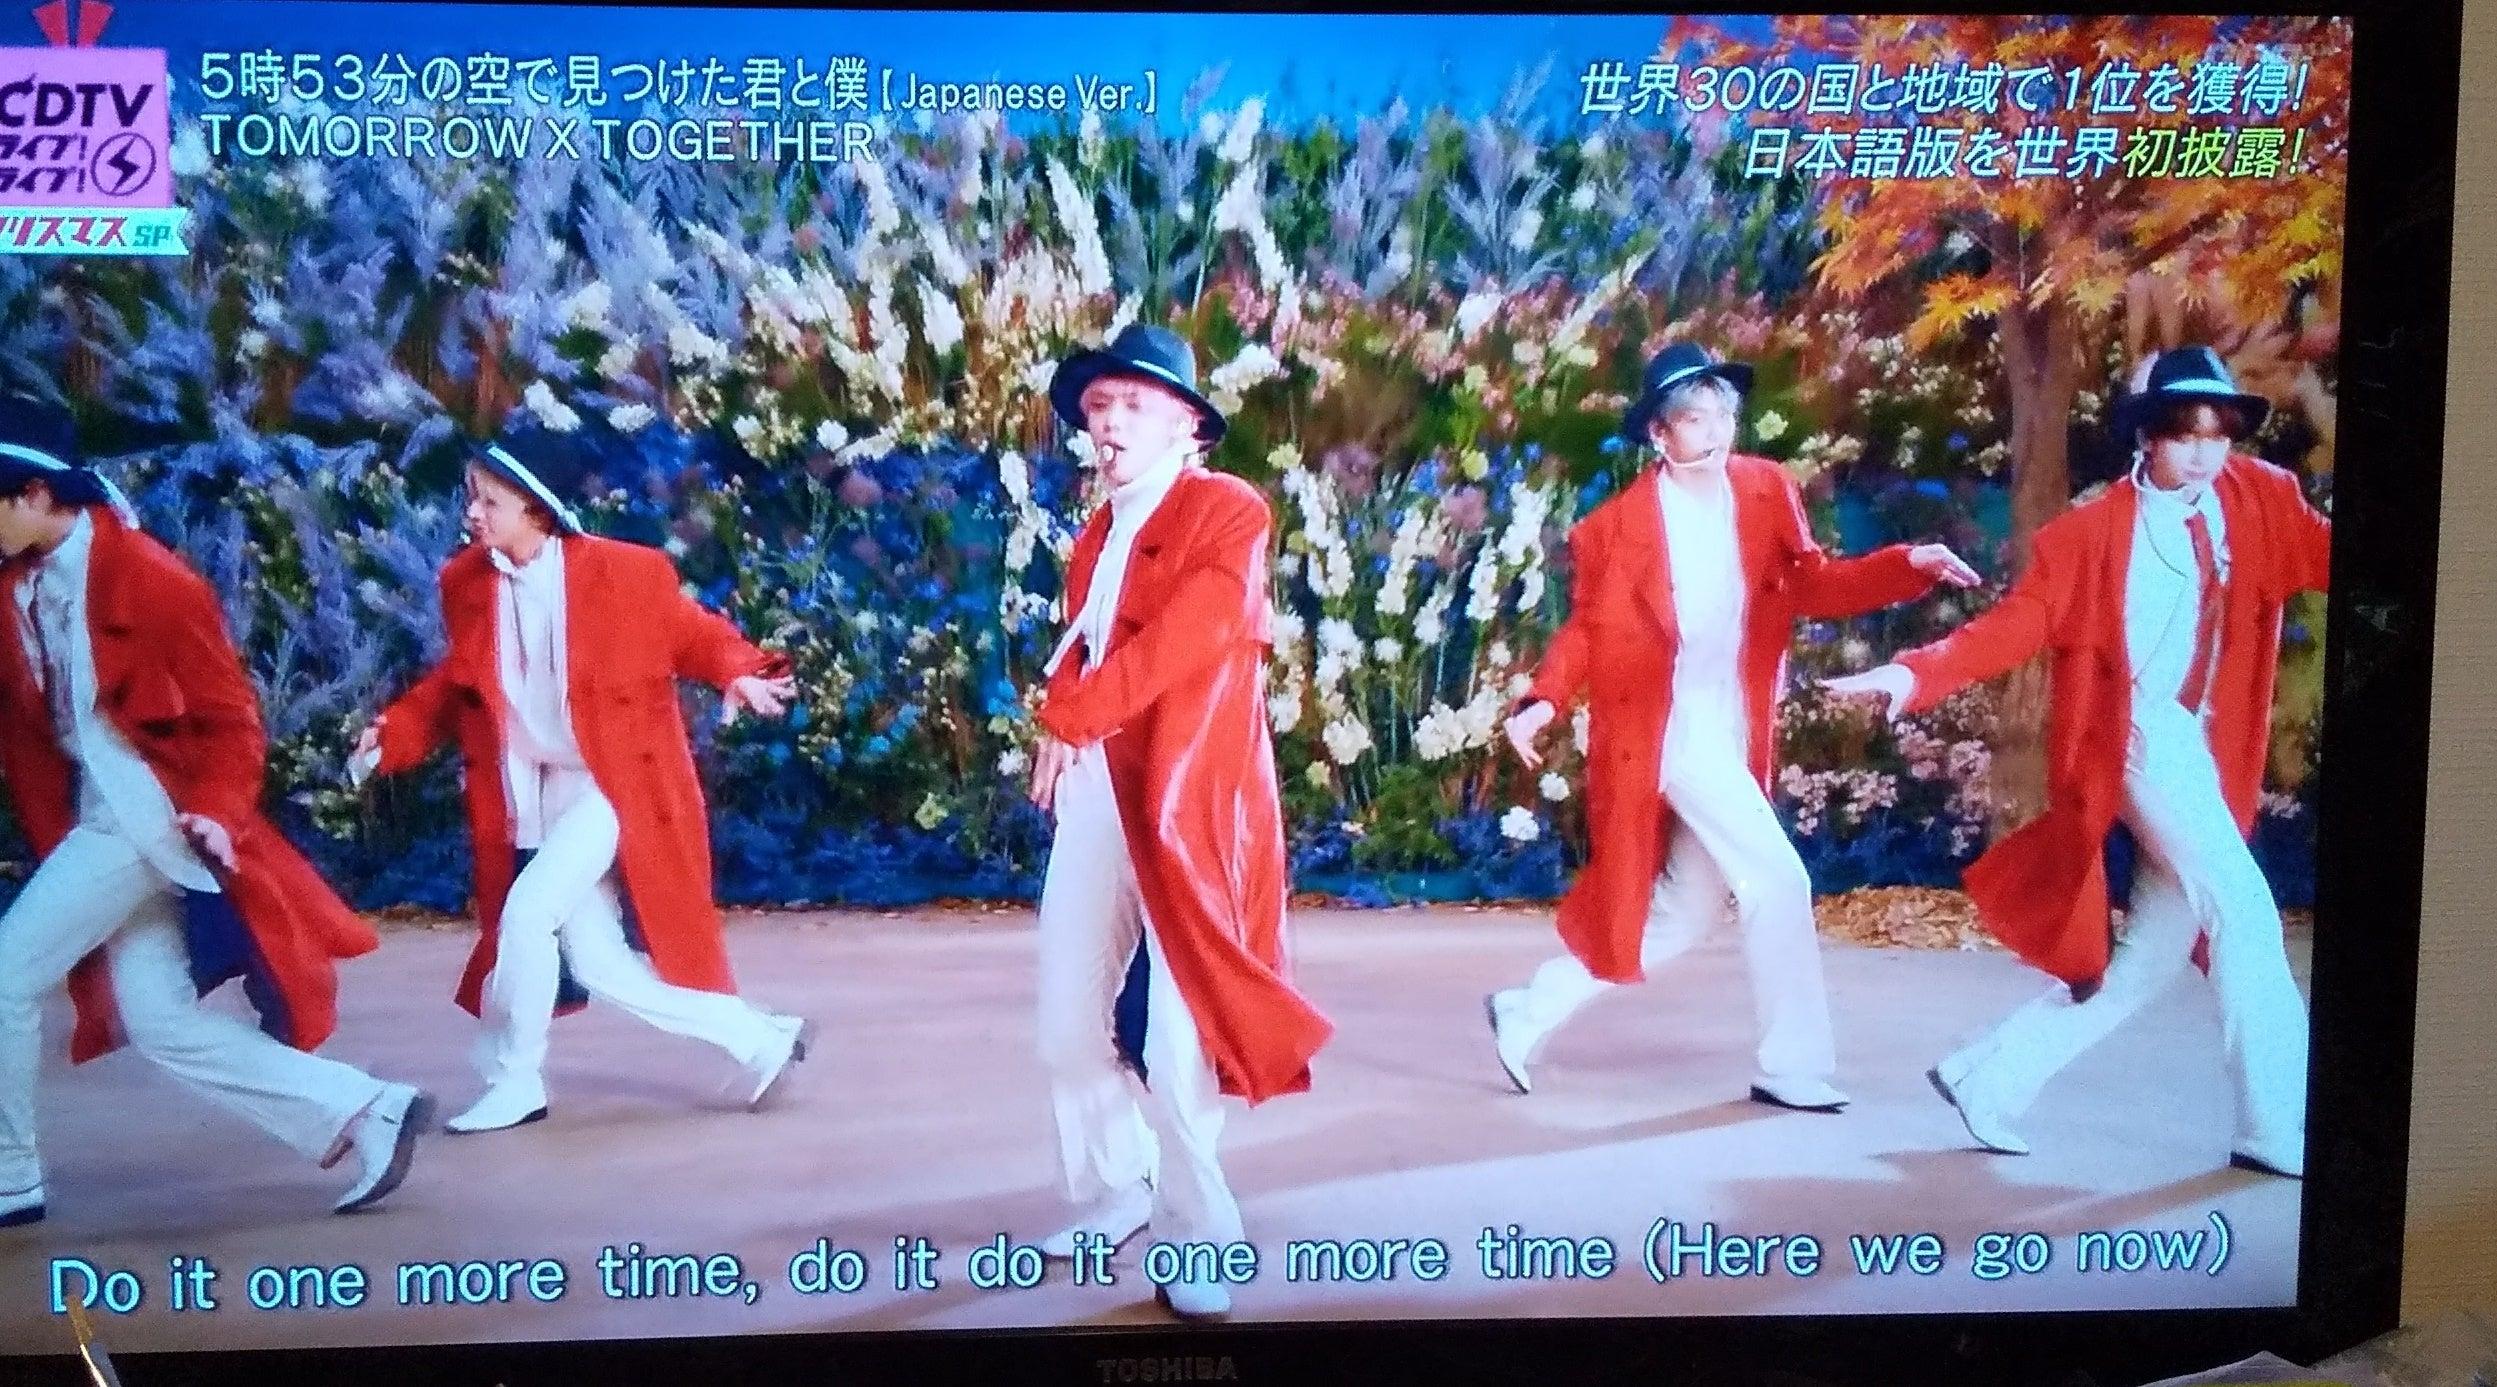 ライブ ライブ カウントダウン tv 「CDTVスペシャル!年越しプレミアライブ 2019→2020」タイムテーブルや出演者、見どころ紹介!